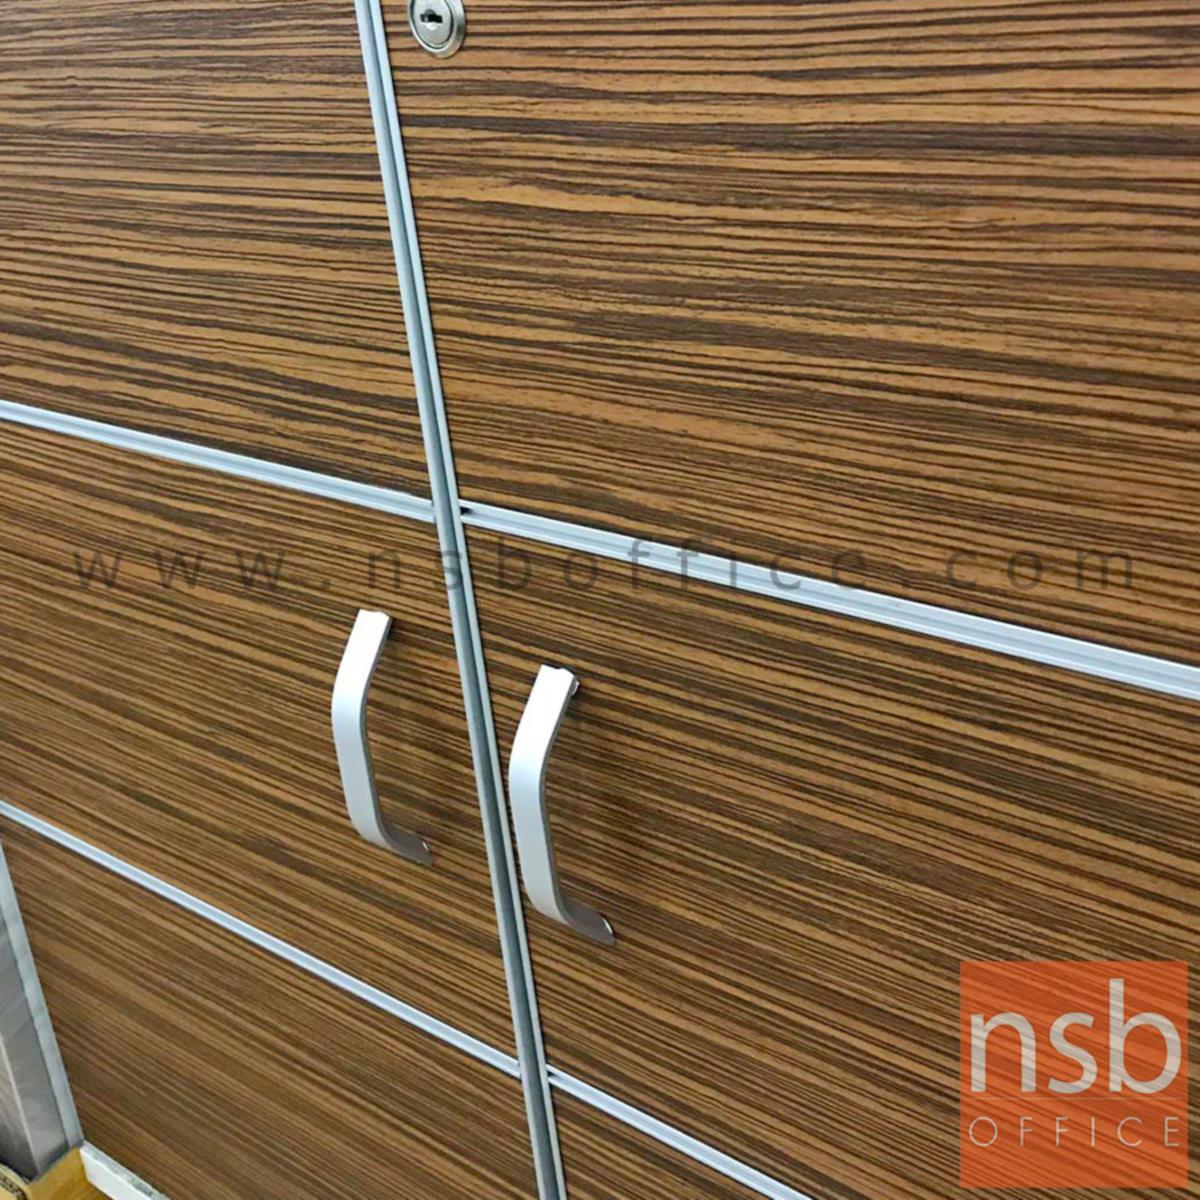 มือจับตู้ อลูมิเนียมสีเงินด้านโค้งรับมือ รุ่น NSB-HAND4  (ขนาด 96 mm)